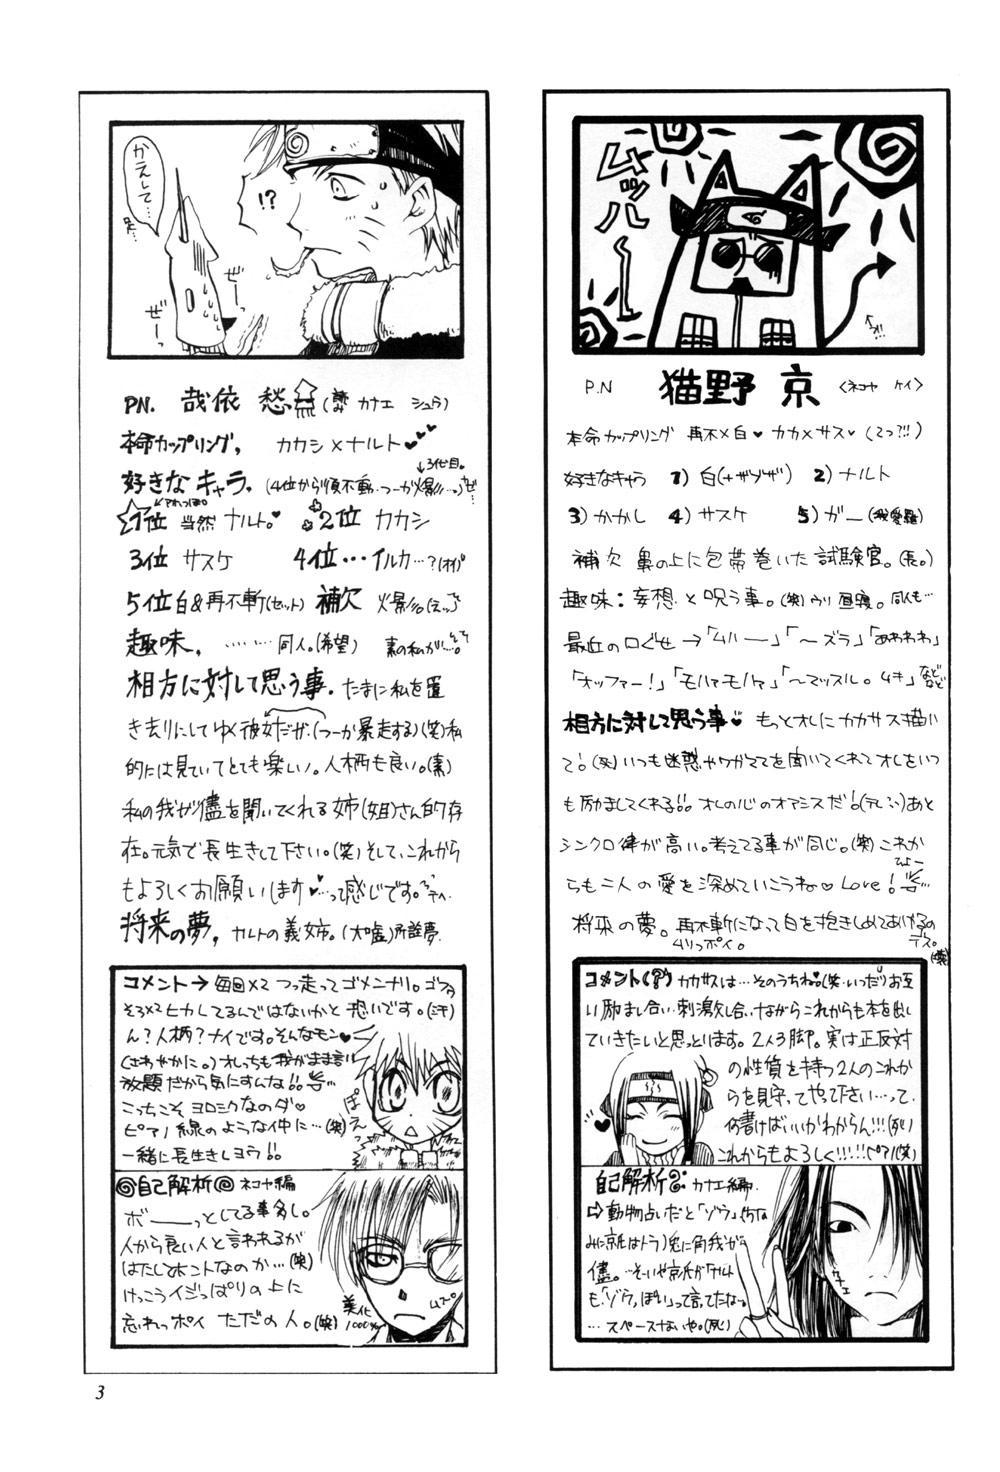 Watch Out!! (NARUTO) [Kakashi X Naruto - Sasuke X Naruto] YAOI 2